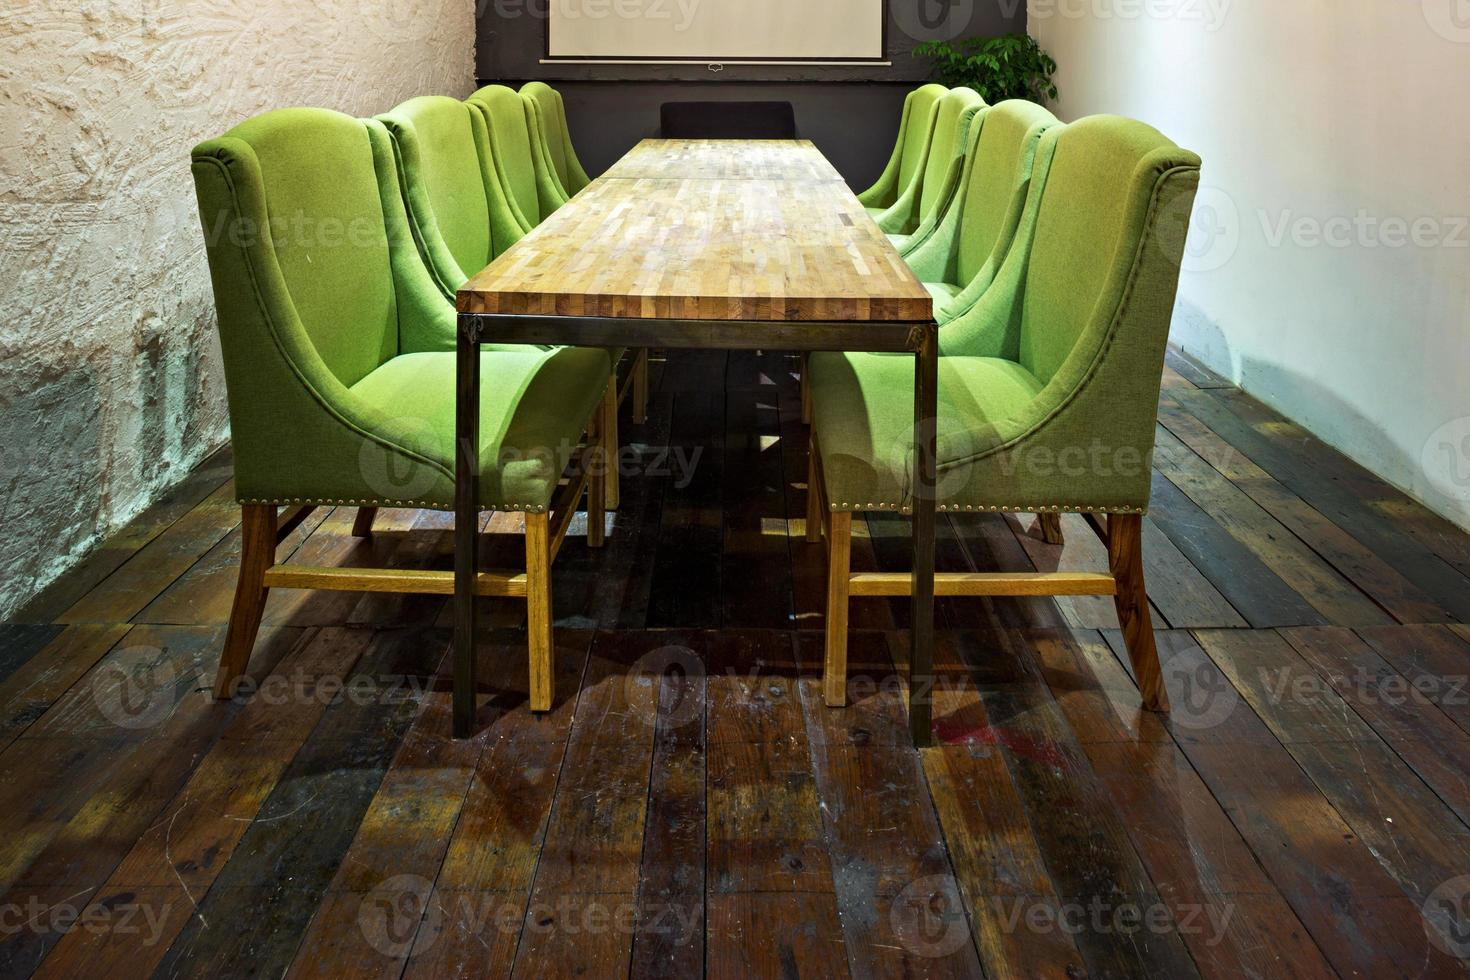 mpty sala riunioni e tavolo da conferenza foto